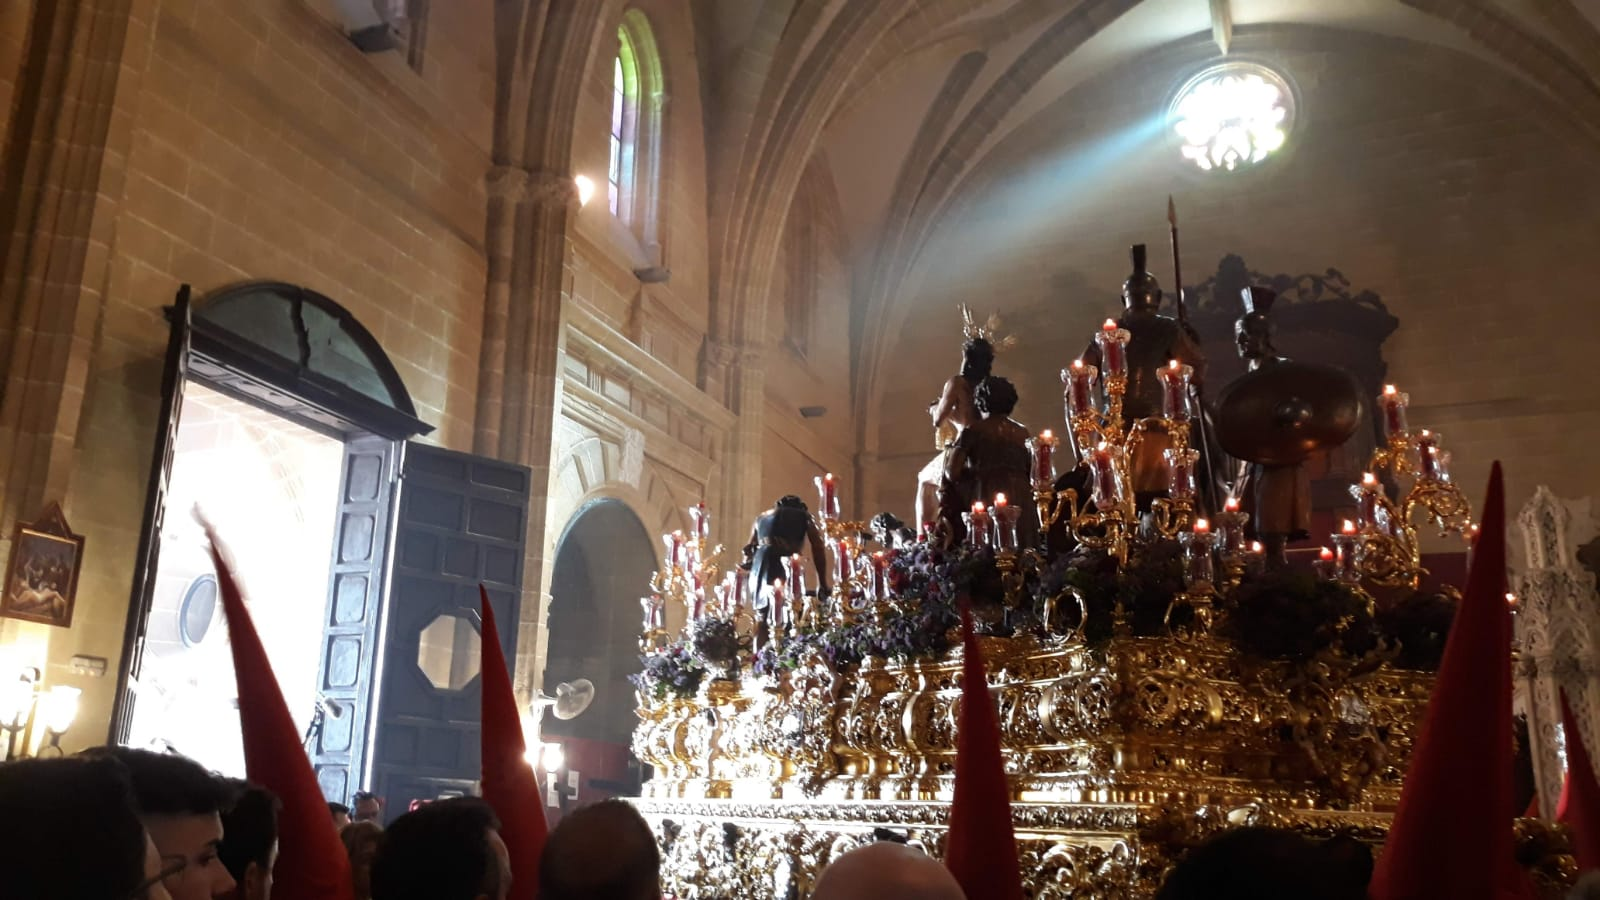 El Hotel Palacio Casa María Luisa acoge desde hoy una interesante exposición sobre la Semana Santa